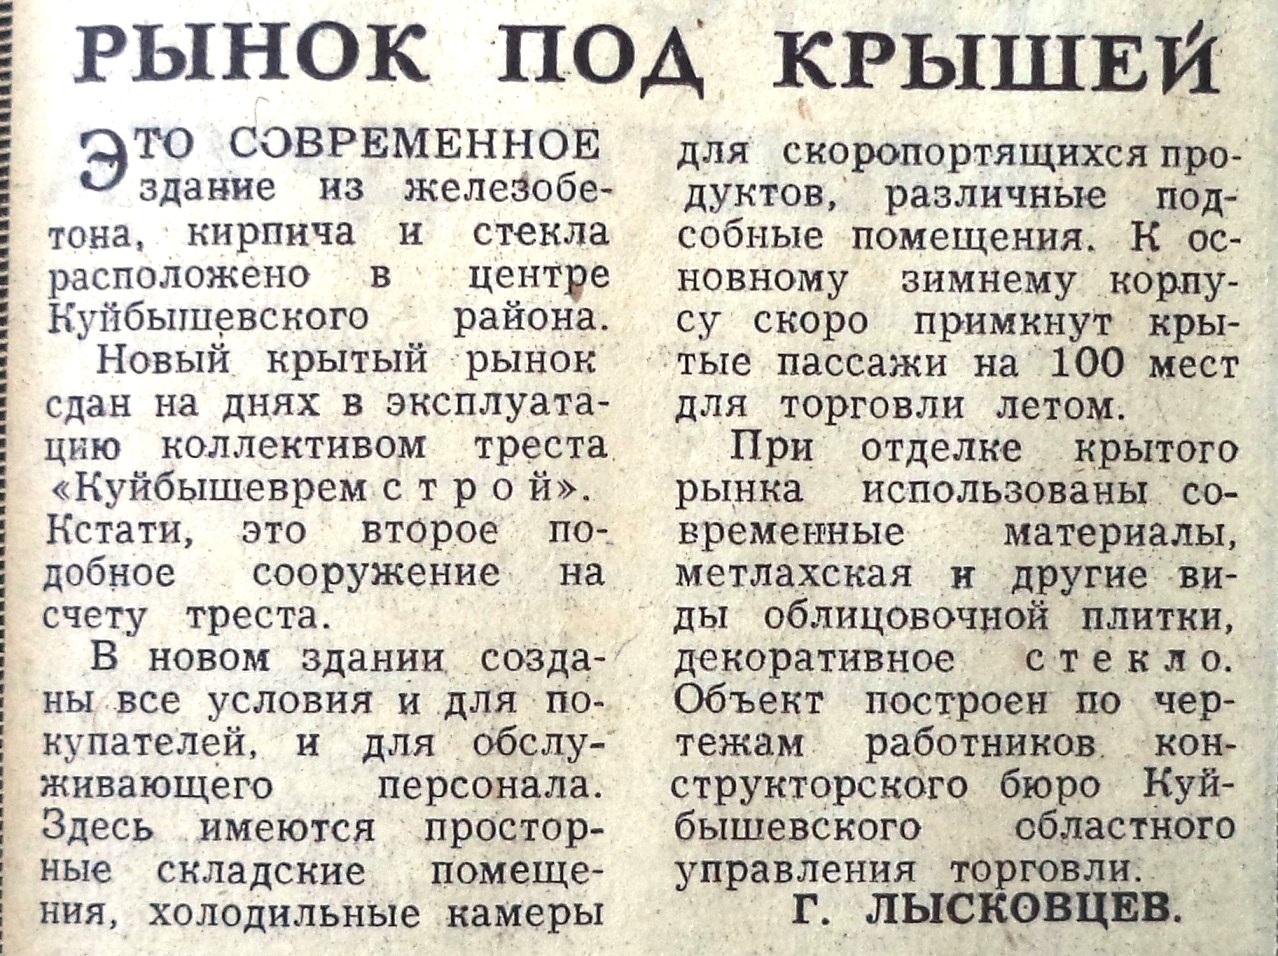 Пугачёвский-ФОТО-25-ВЗя-1977-11-12-сдача крытого рынка на Стошке